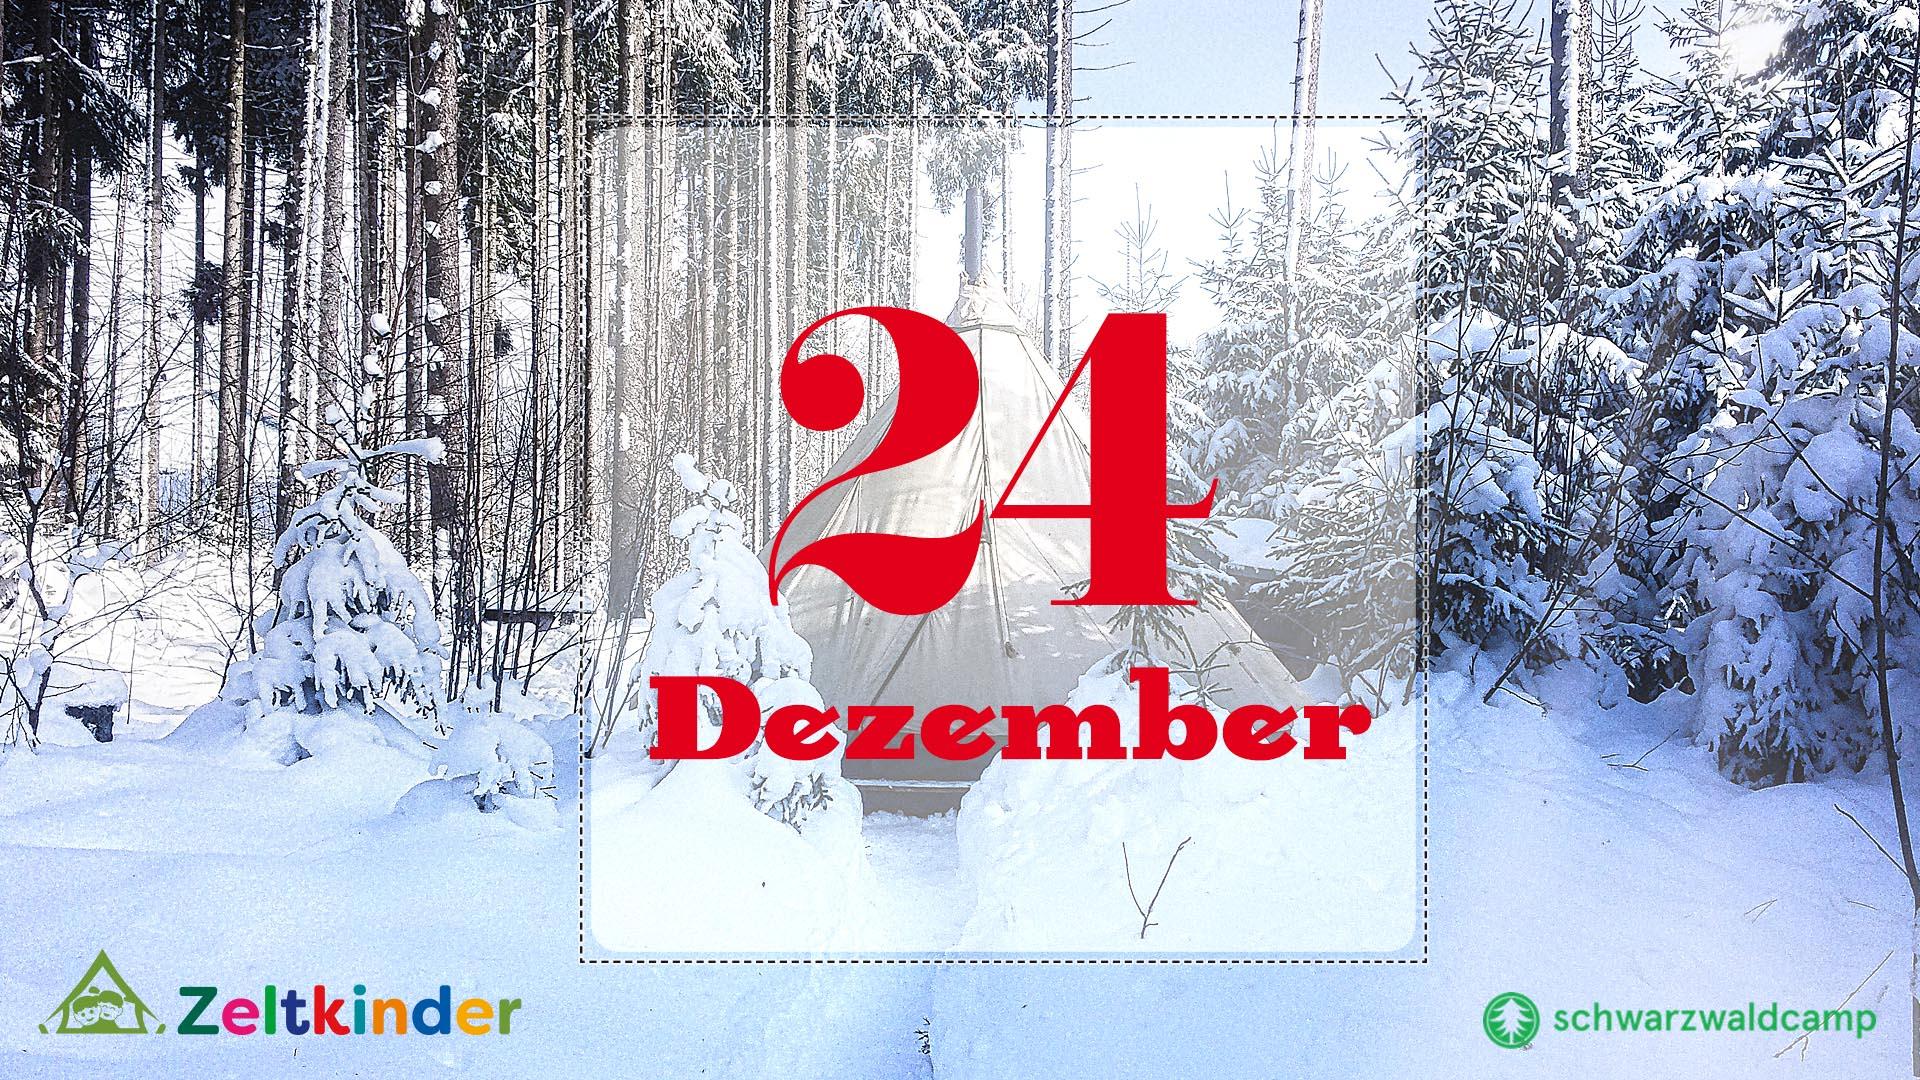 Zeltkinder-Adventskalender: Das Weihnachtstürchen ist bis 26.12.2020 geöffnet